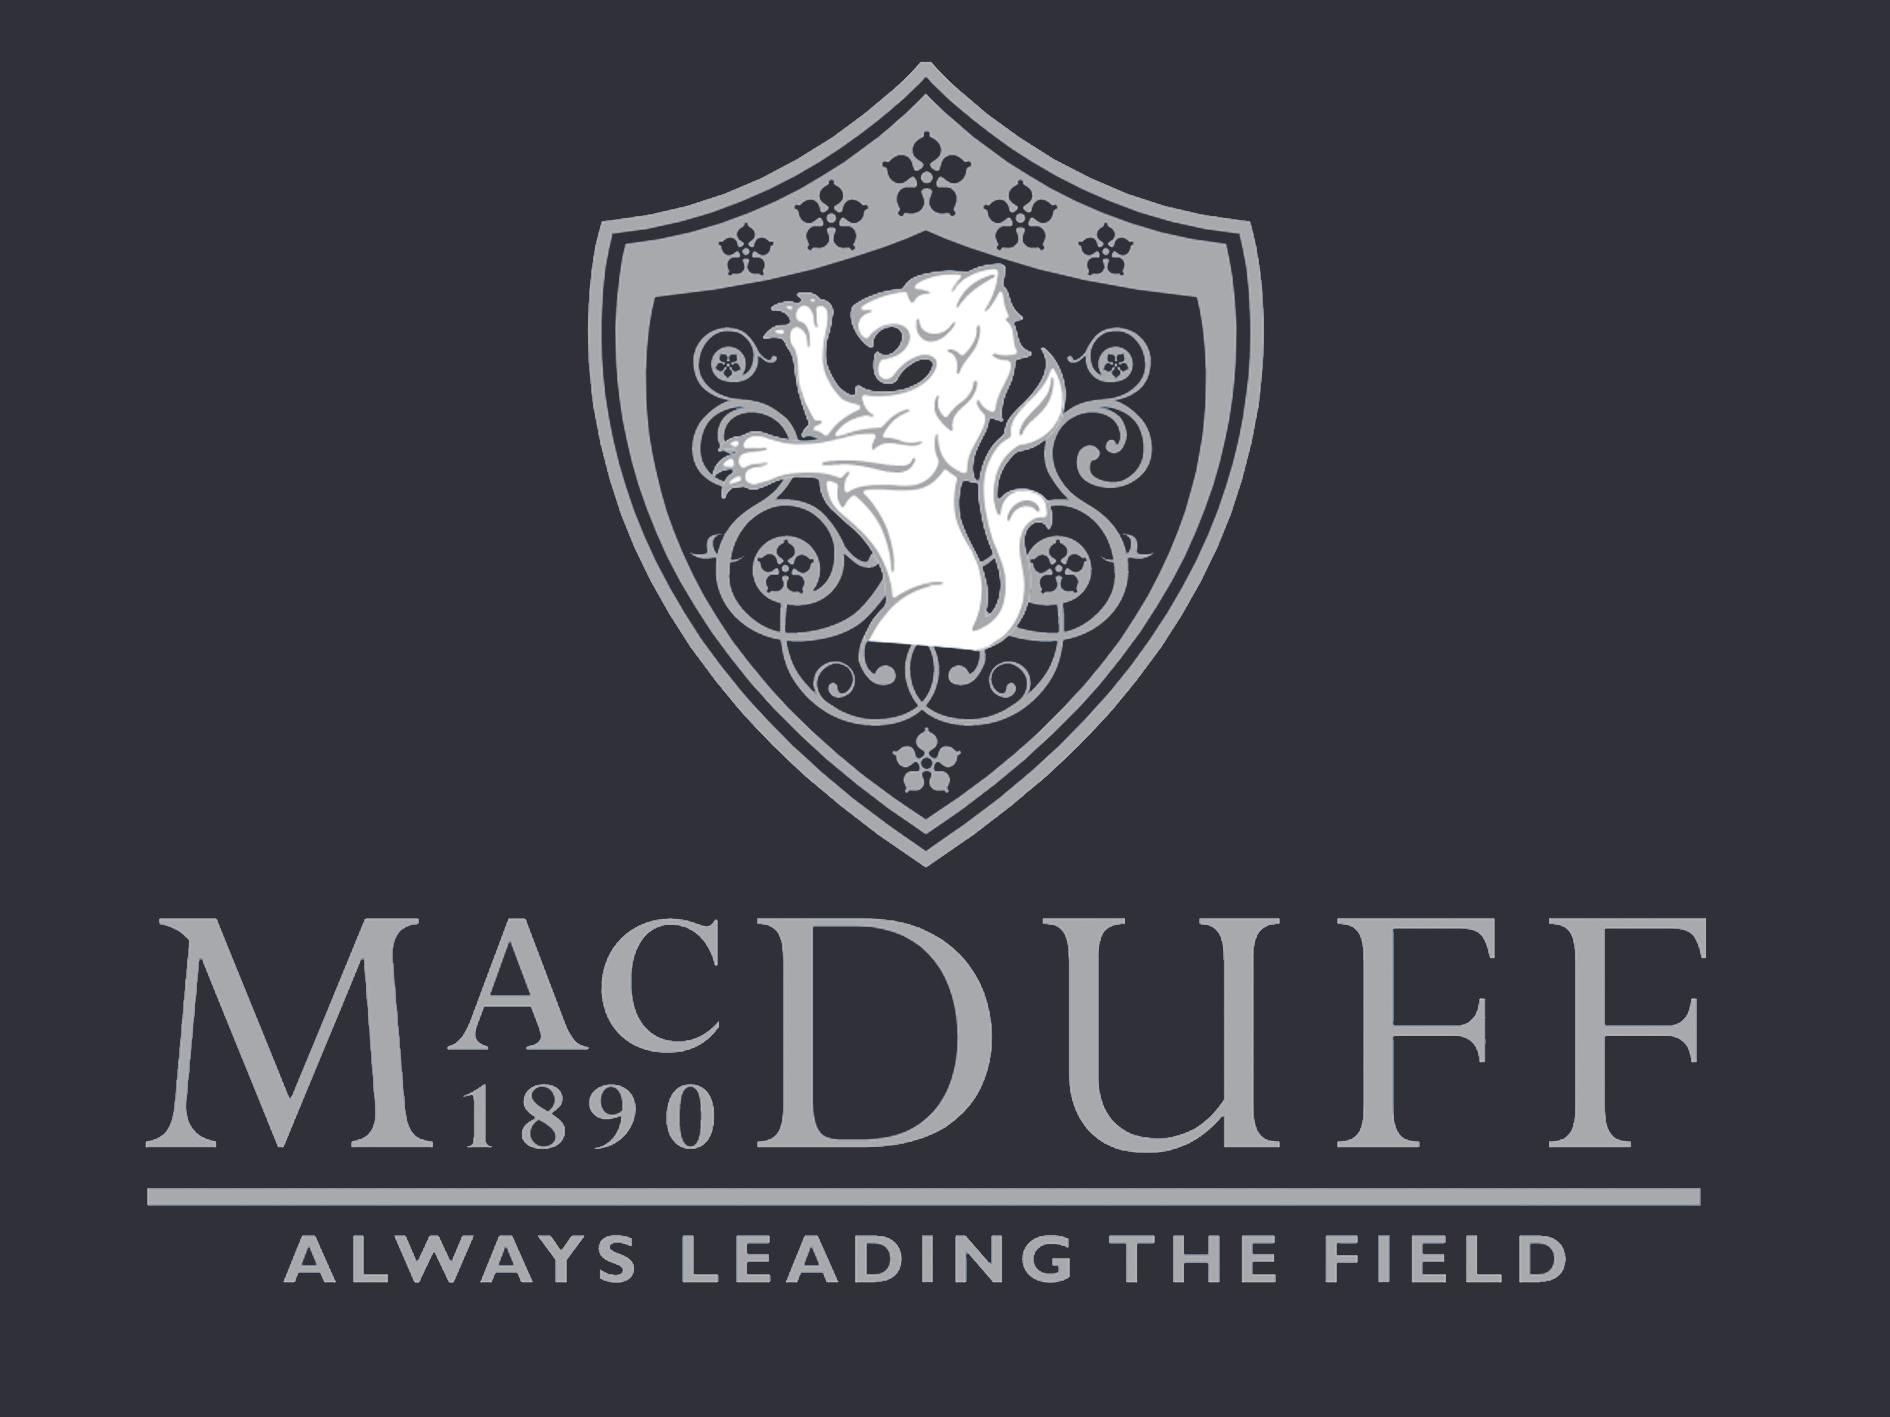 Macduff Beef 1890